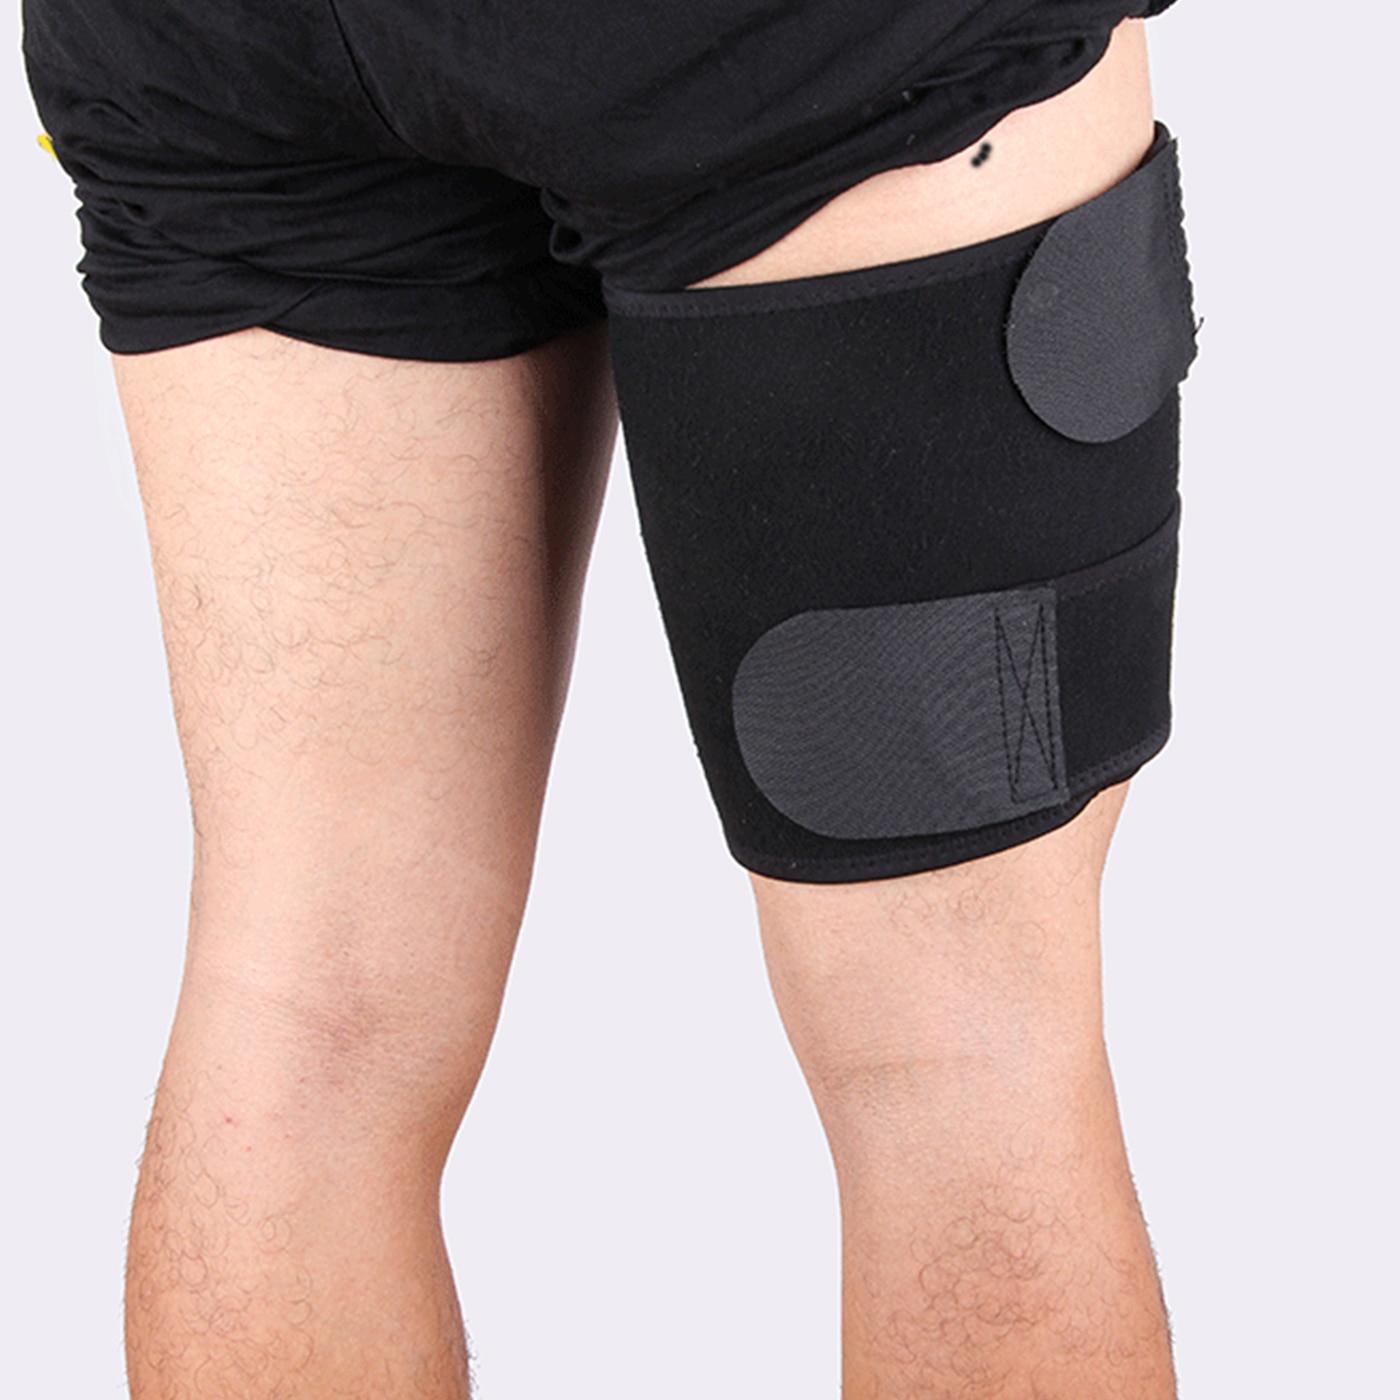 Compressão leggings celulite perna sauna suor coxa aparadores de emagrecimento trimmer braços cinto rápido anti celulite perna shaper